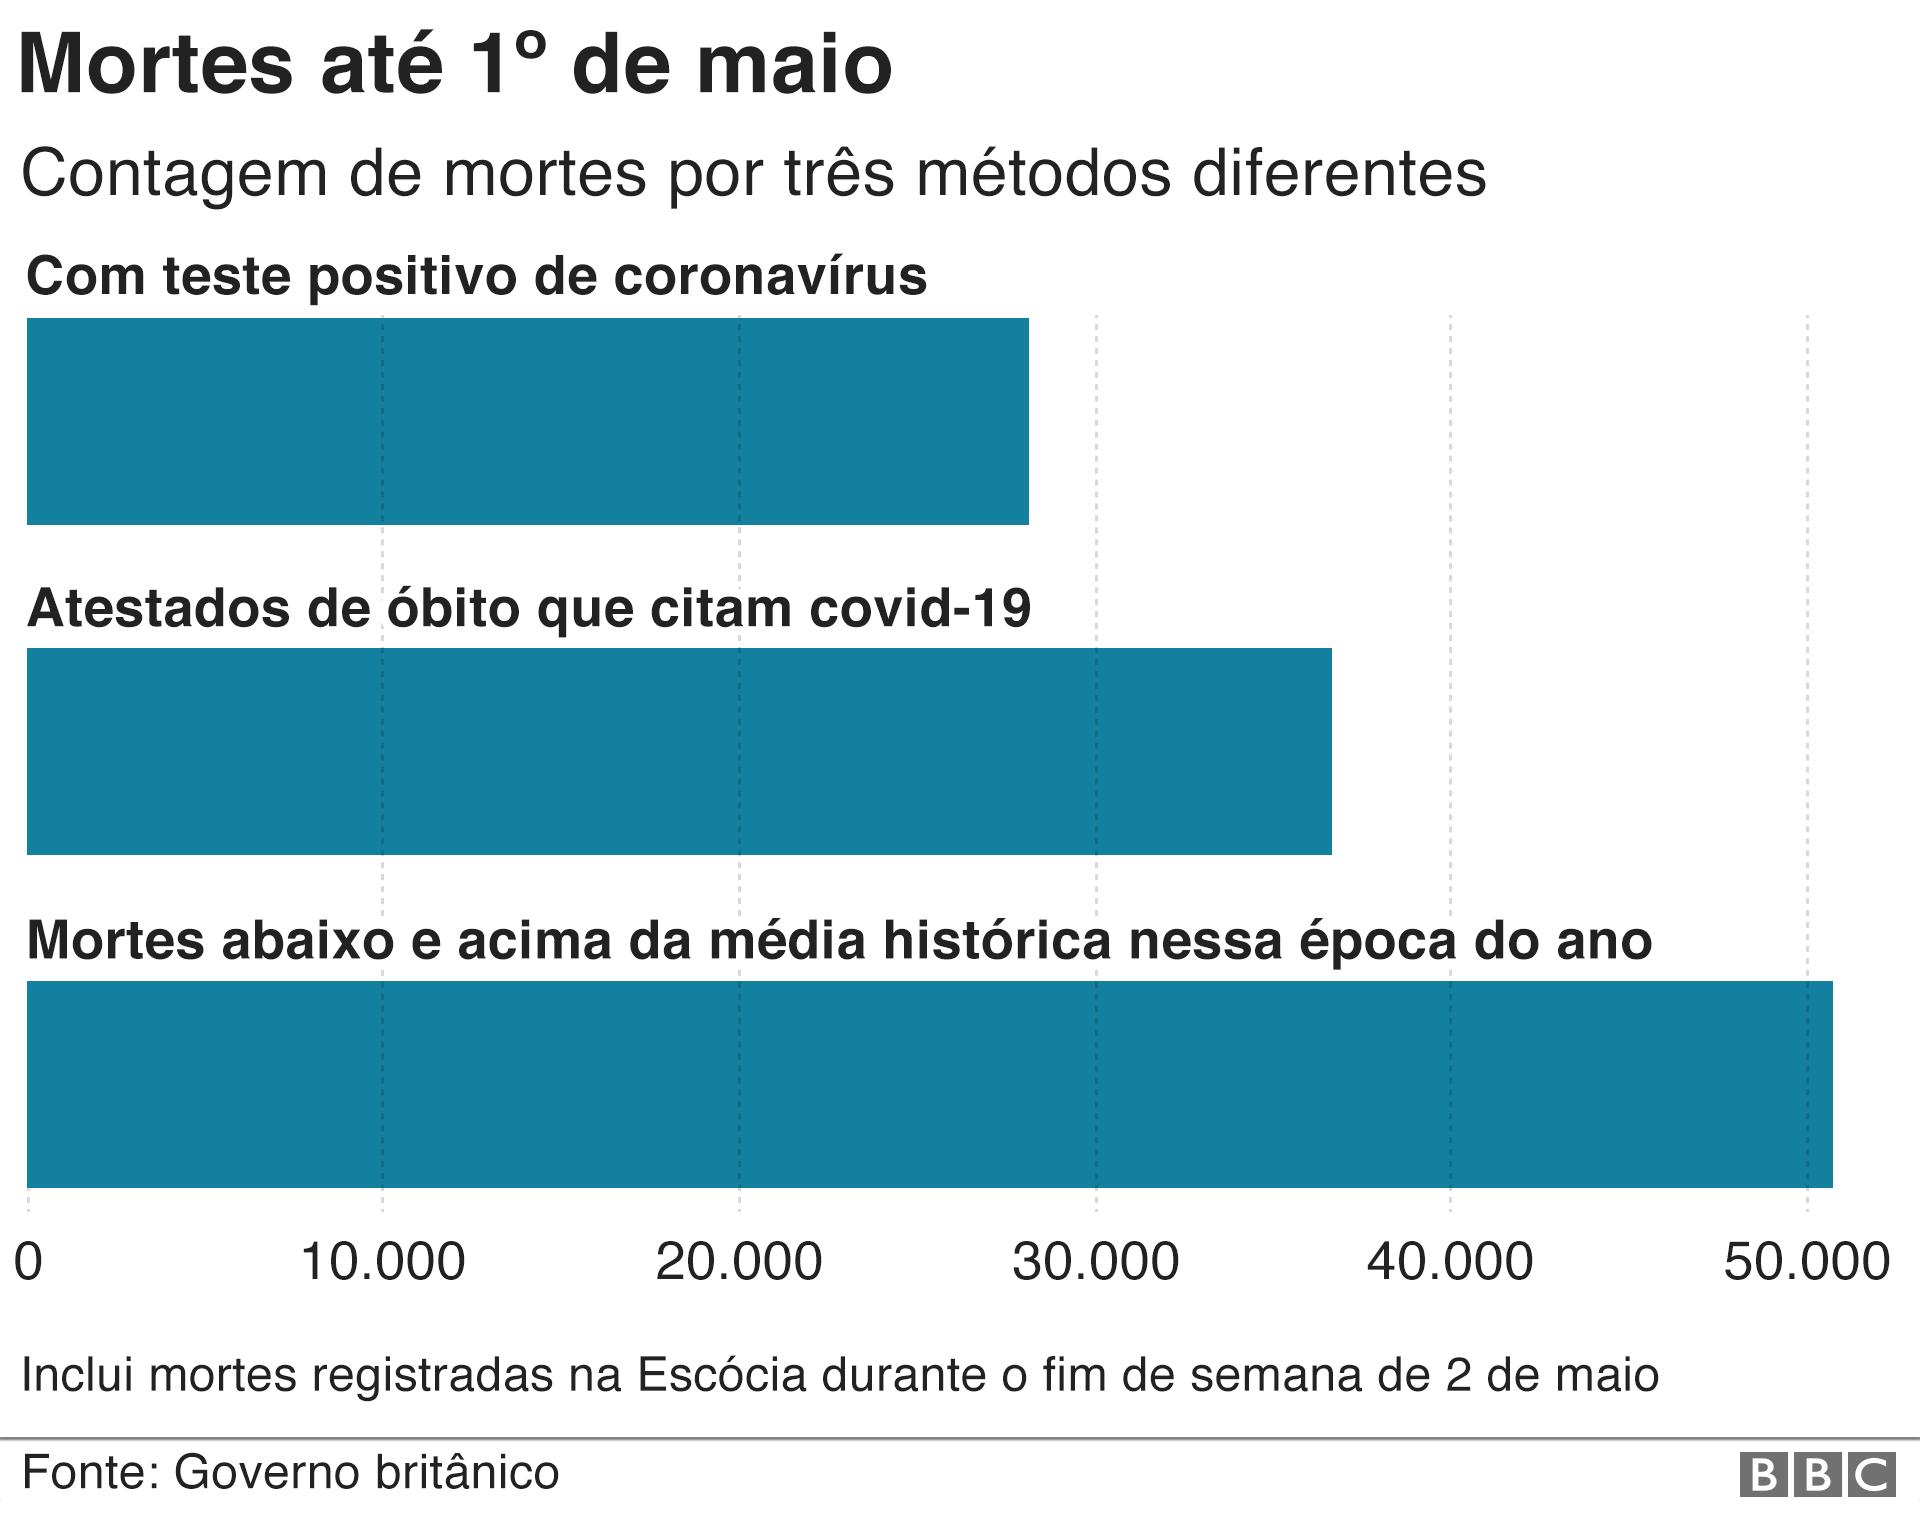 gráfico mostra 3 maneiras de contar mortes no reino unido